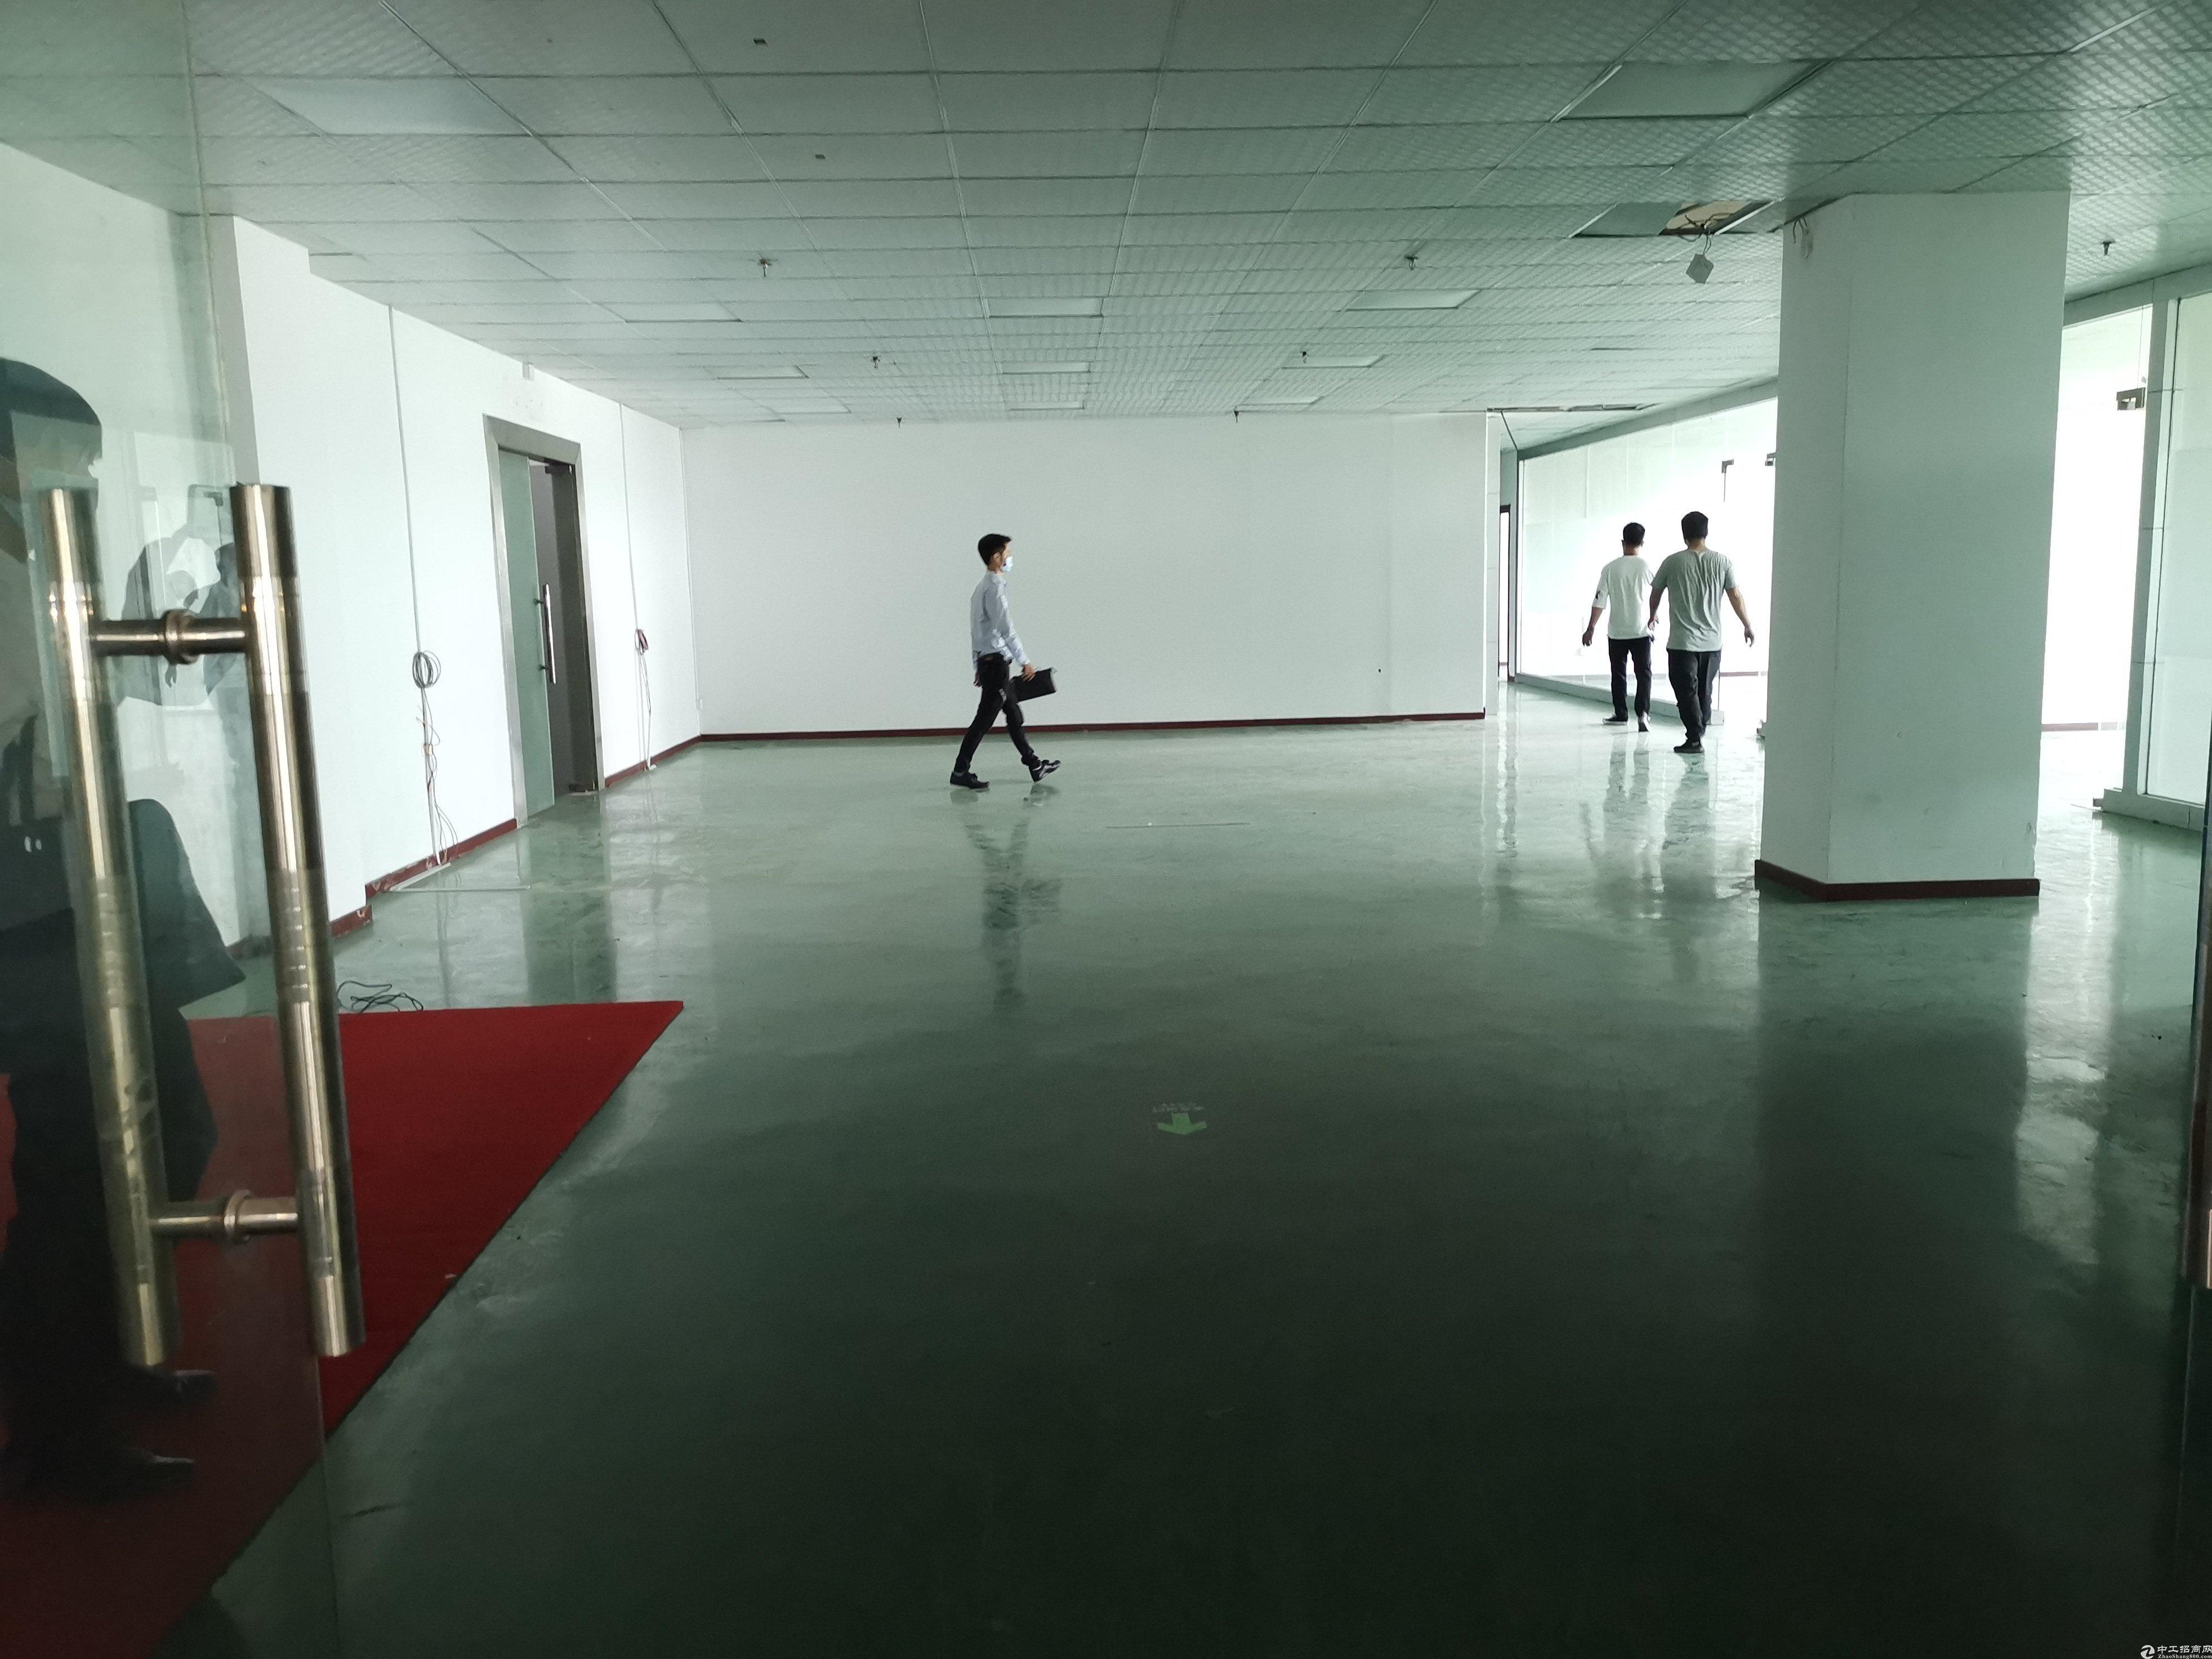 龙华观澜富士康旁精装修720平厂房仓库出租。公摊小无转让费